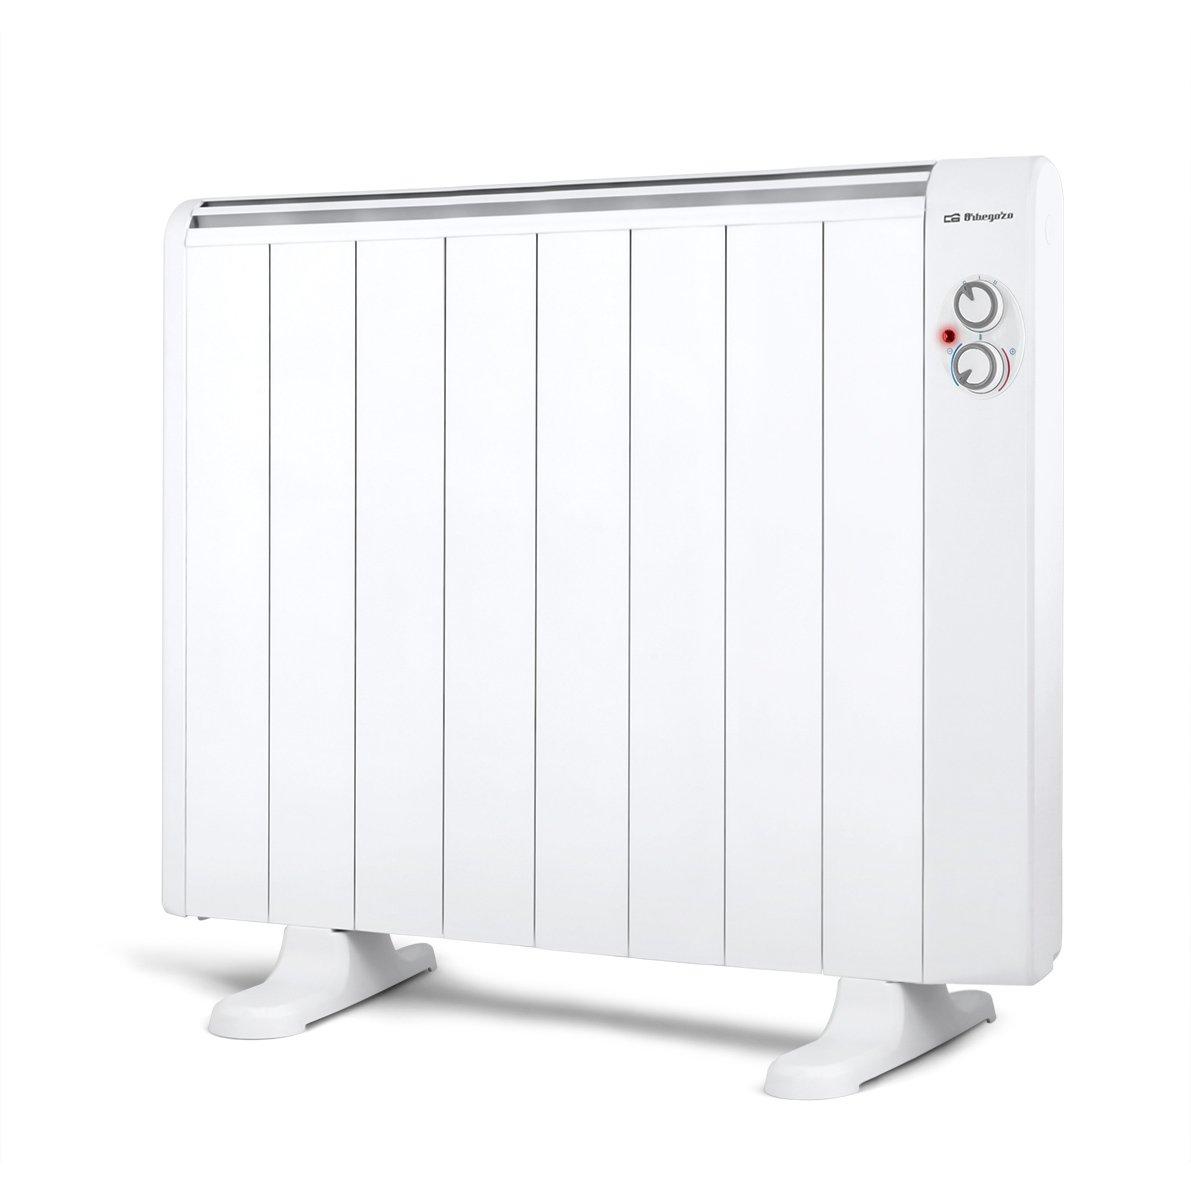 Orbegozo RRM 1510 Emisor térmico de bajo Consumo sin Aceite, 1500 W, Color Blanco: Amazon.es: Hogar